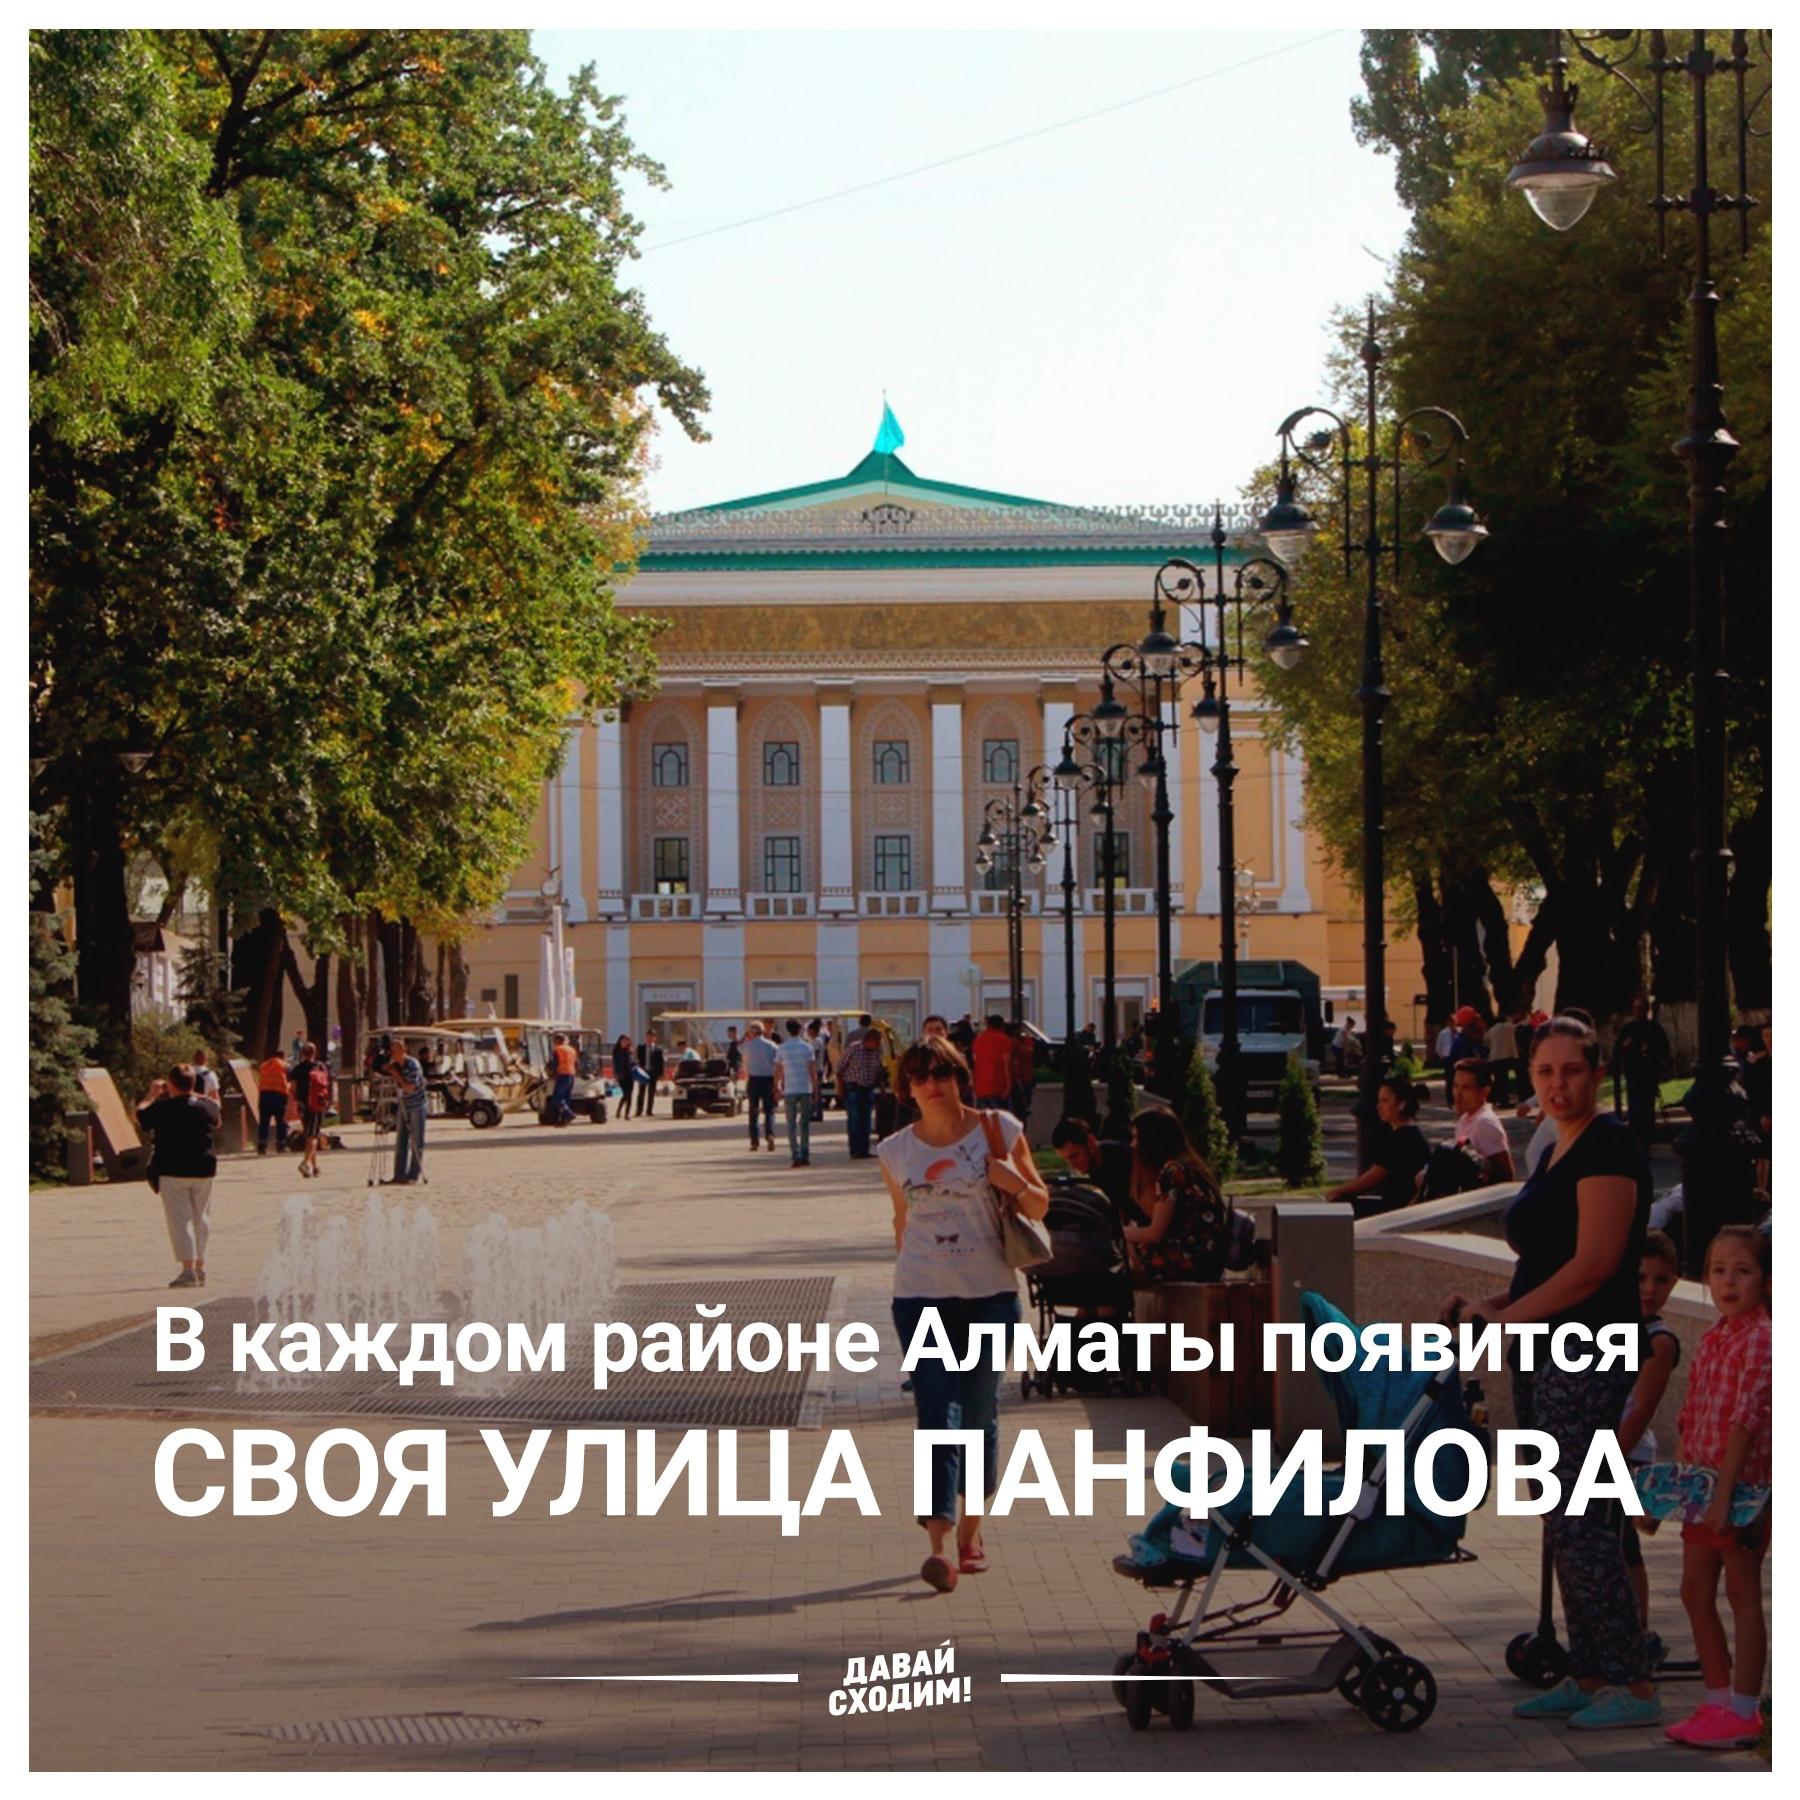 В каждом районе Алматы появится своя улица Панфилова  _____